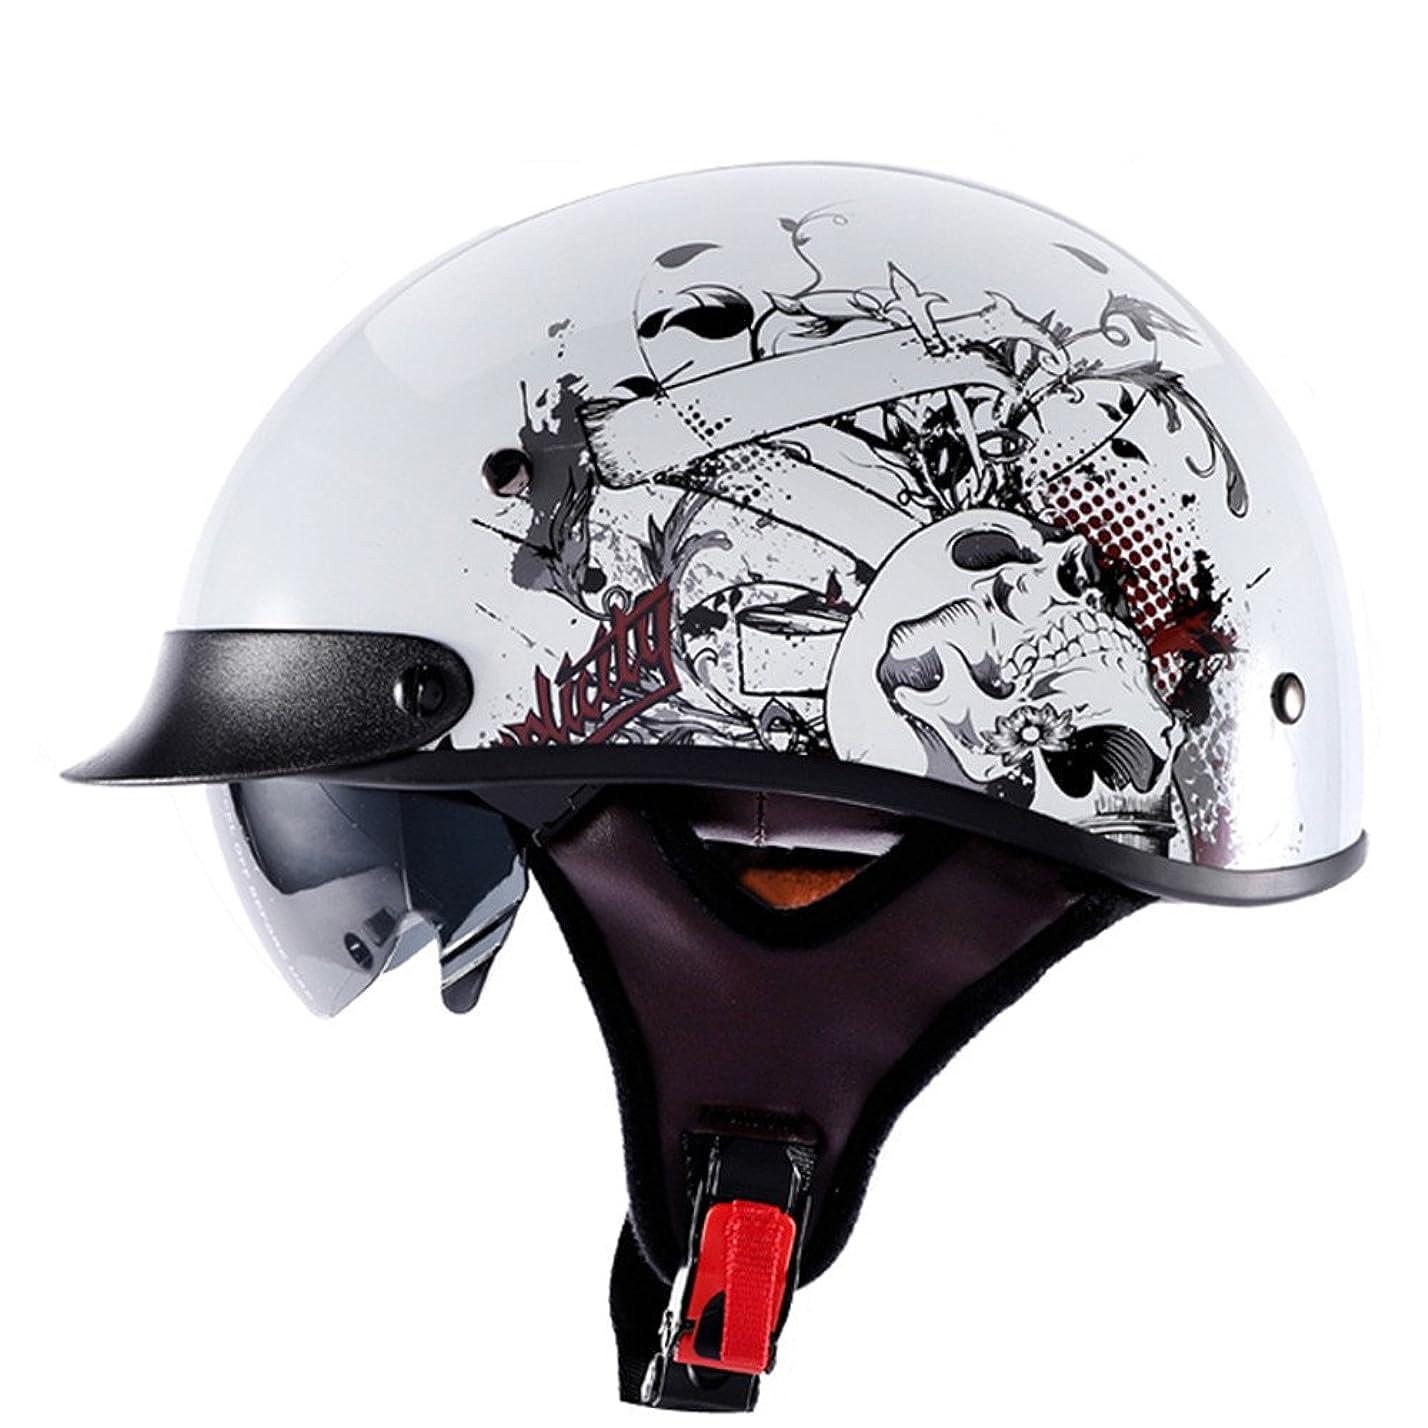 反応するバナナ明らか(Grace)12色可選バイク用 ハーレー バイク ヘルメット ハーフ ヘルメット 半帽ヘルメット 半キャップ ヘルメット Gce-112 (XL, 商品02)